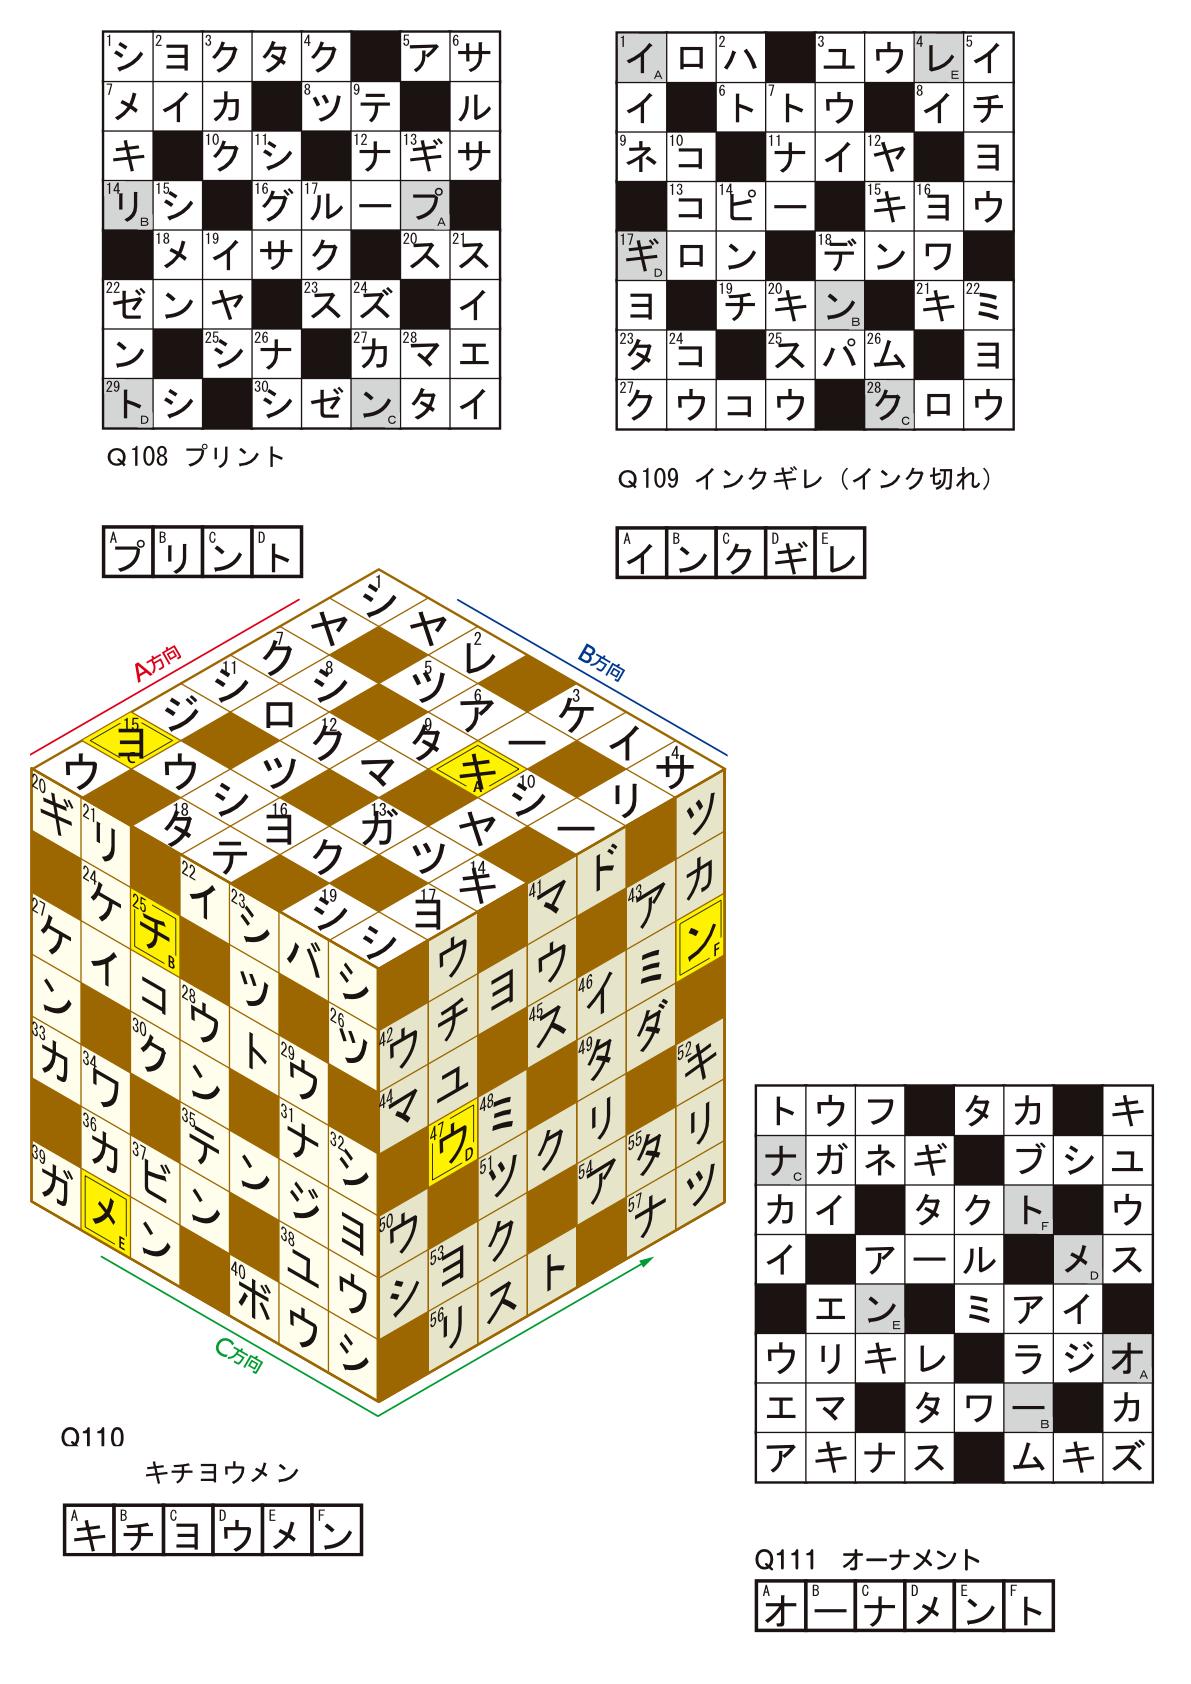 クロスワードライフ解答 ... : 漢字クロスワード : 漢字